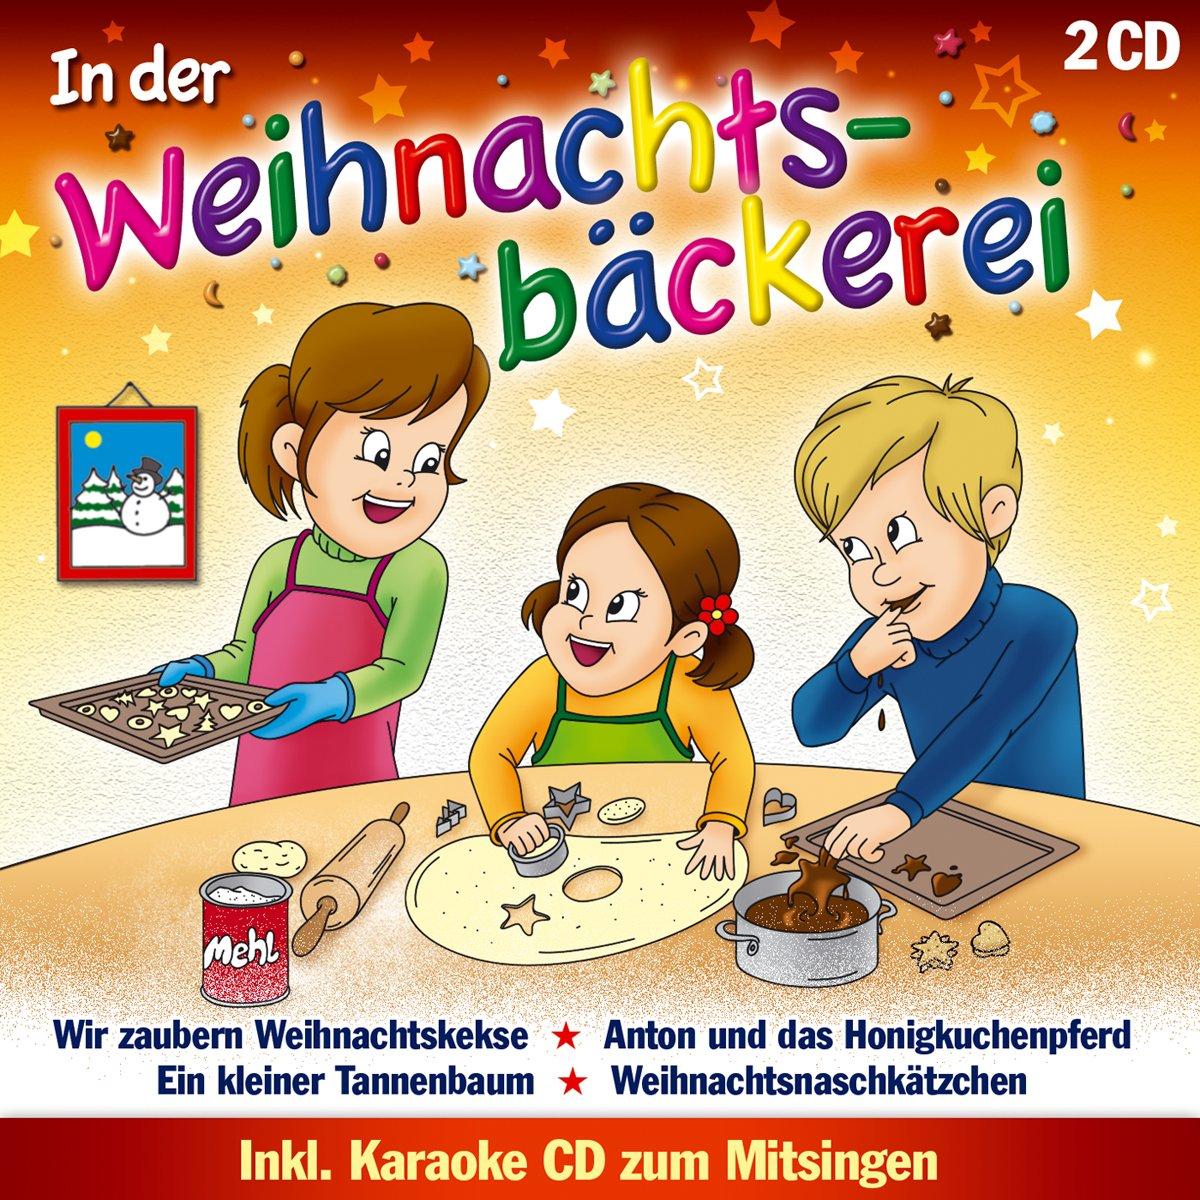 In der Weihnachtsbäckerei; inkl.Karaoke CD zum Mitsingen ...